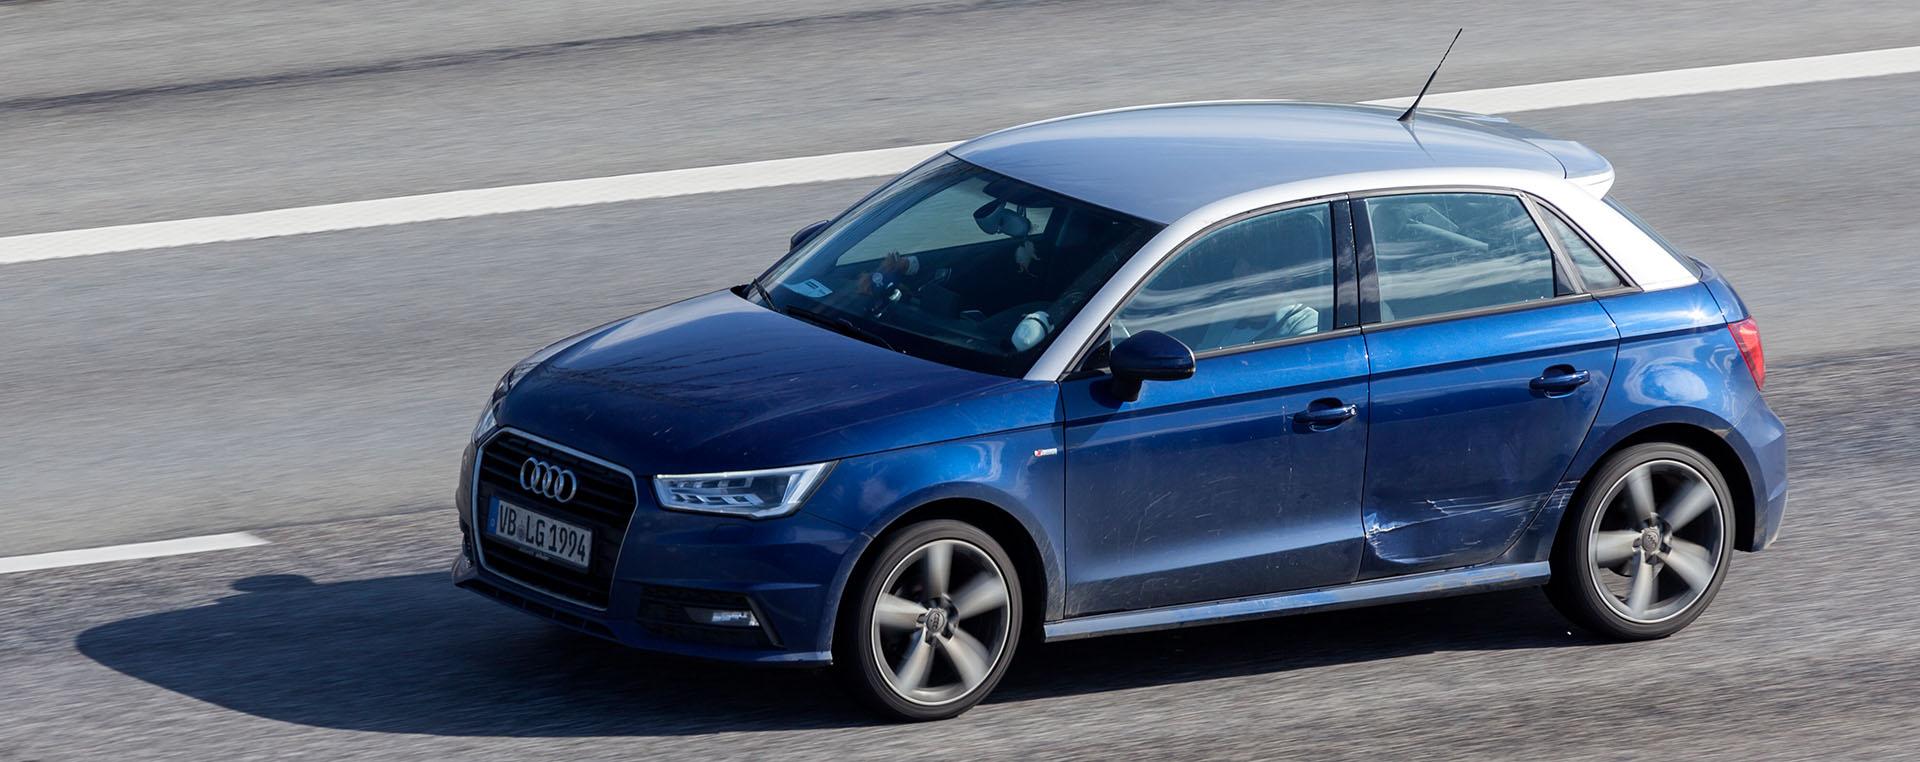 Audi A1 Gebrauchtwagen bestellen